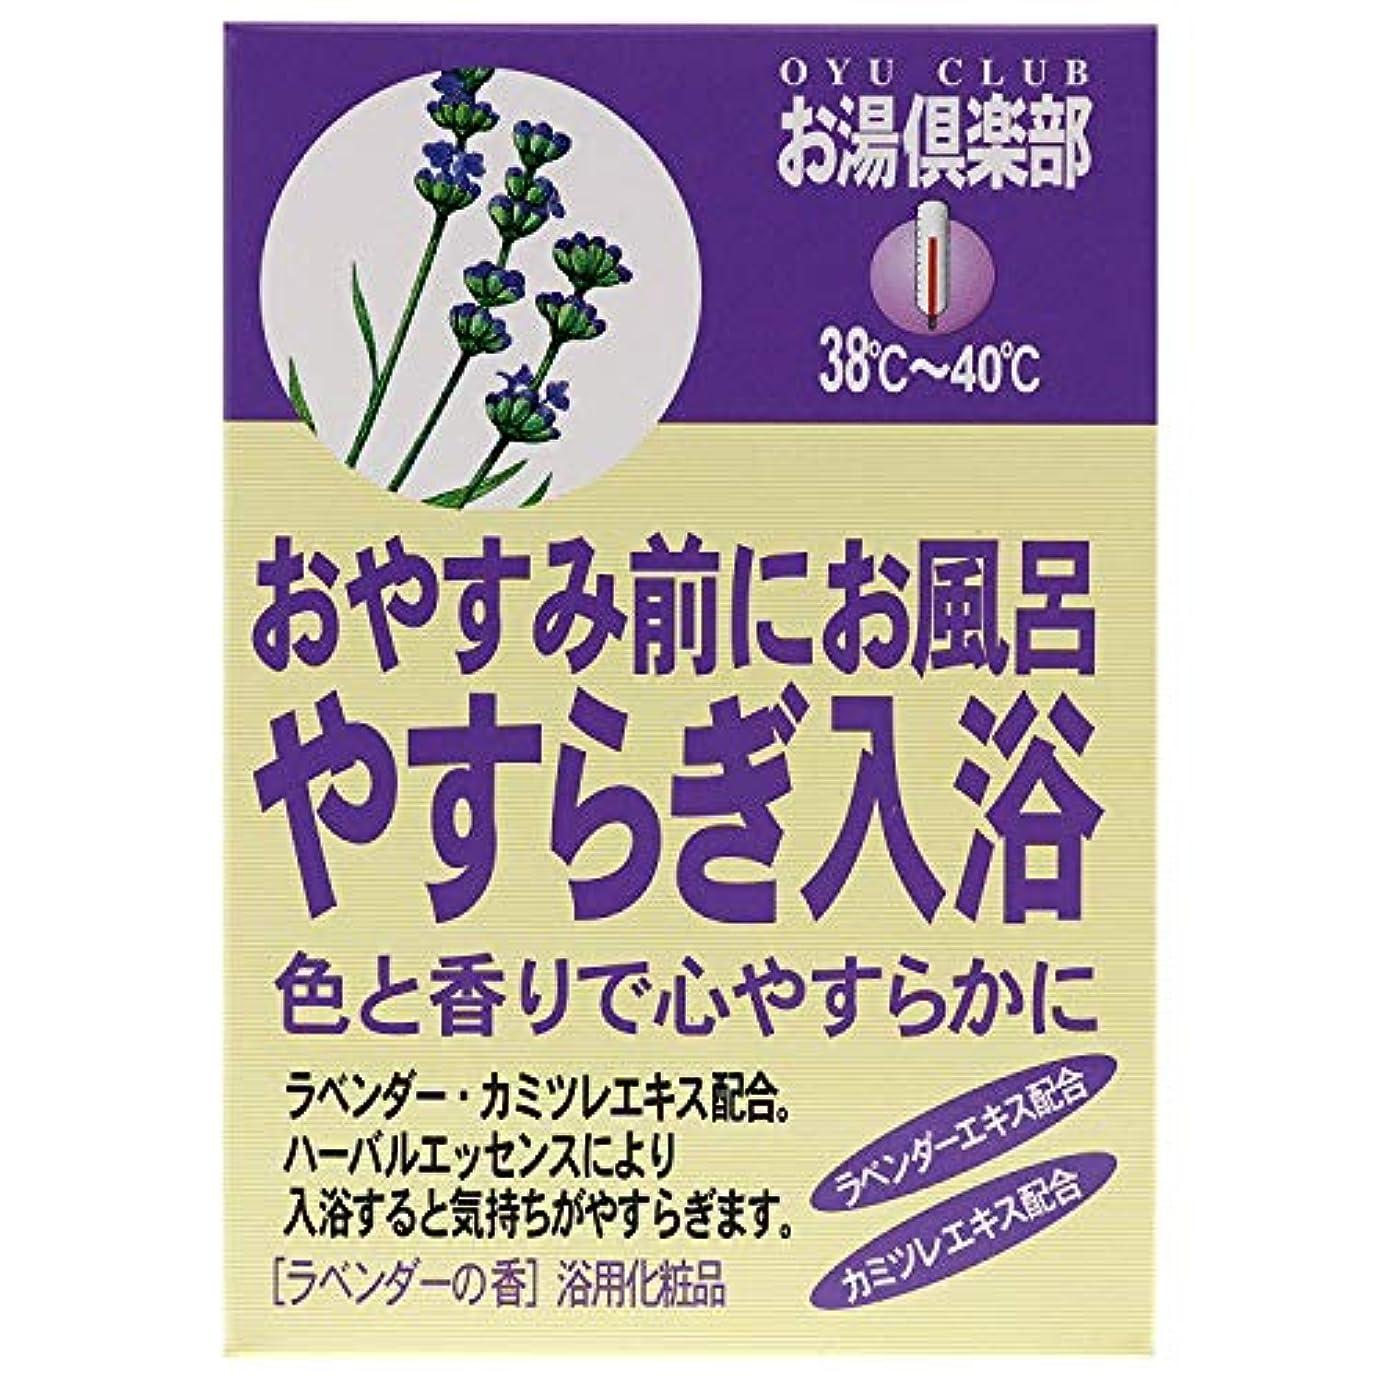 フェードアウト植生法律によりお湯倶楽部 やすらぎ入浴 25g*5包